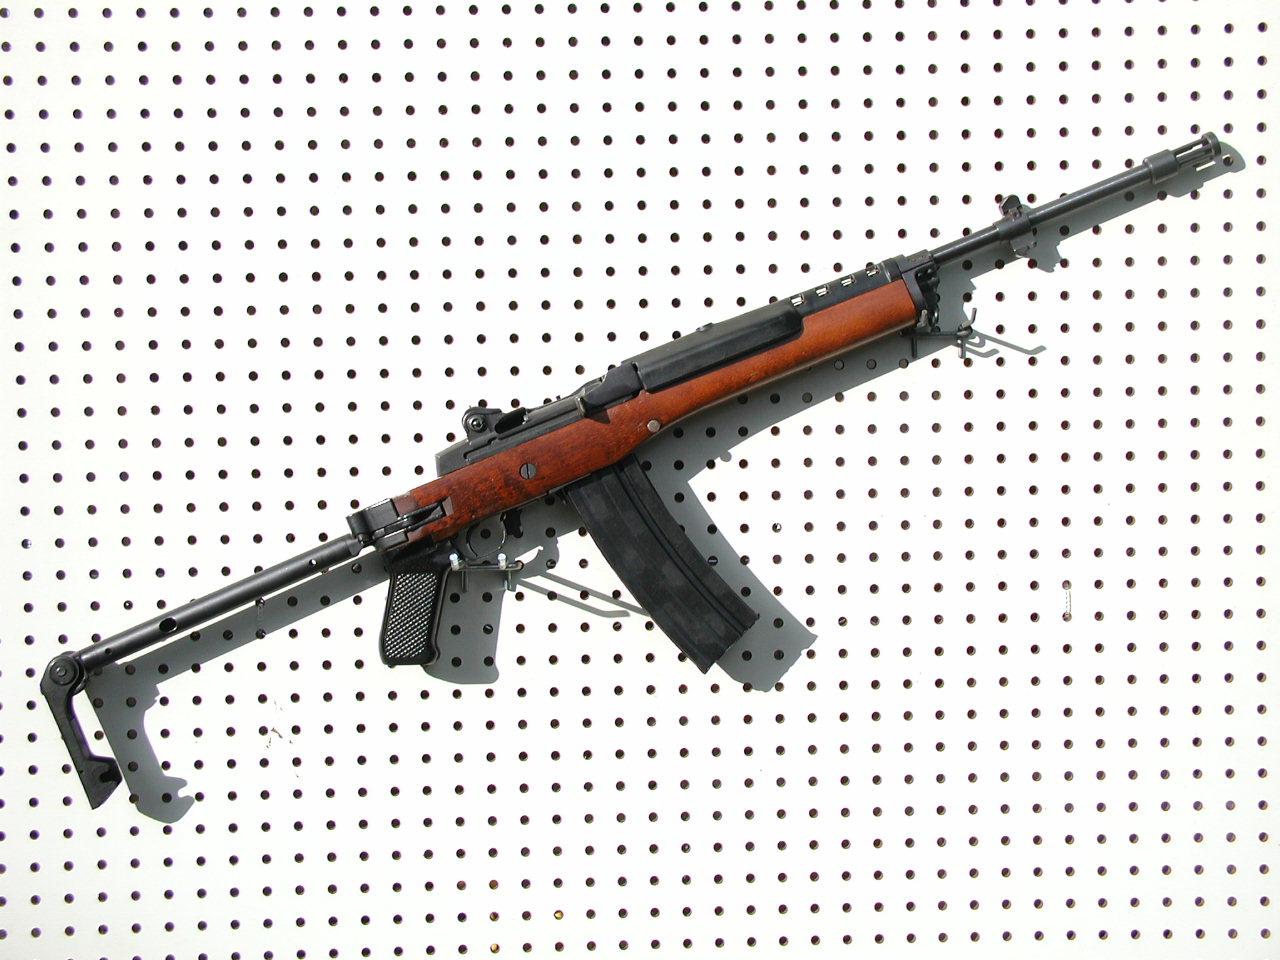 Kickstarter for guns guns